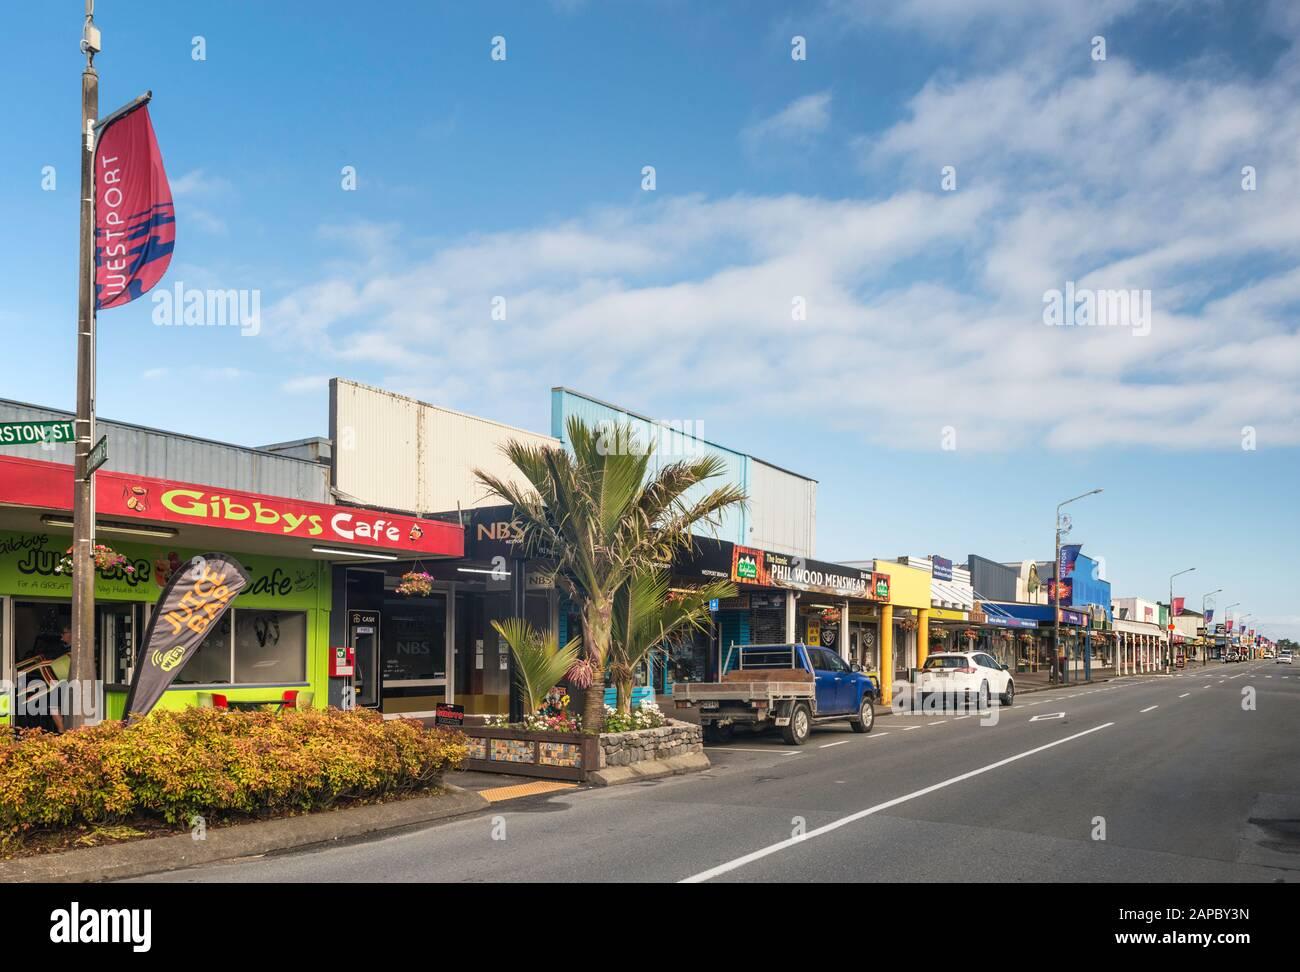 Tiendas En Palmerston Street En Westport, West Coast Region, South Island, Nueva Zelanda Foto de stock